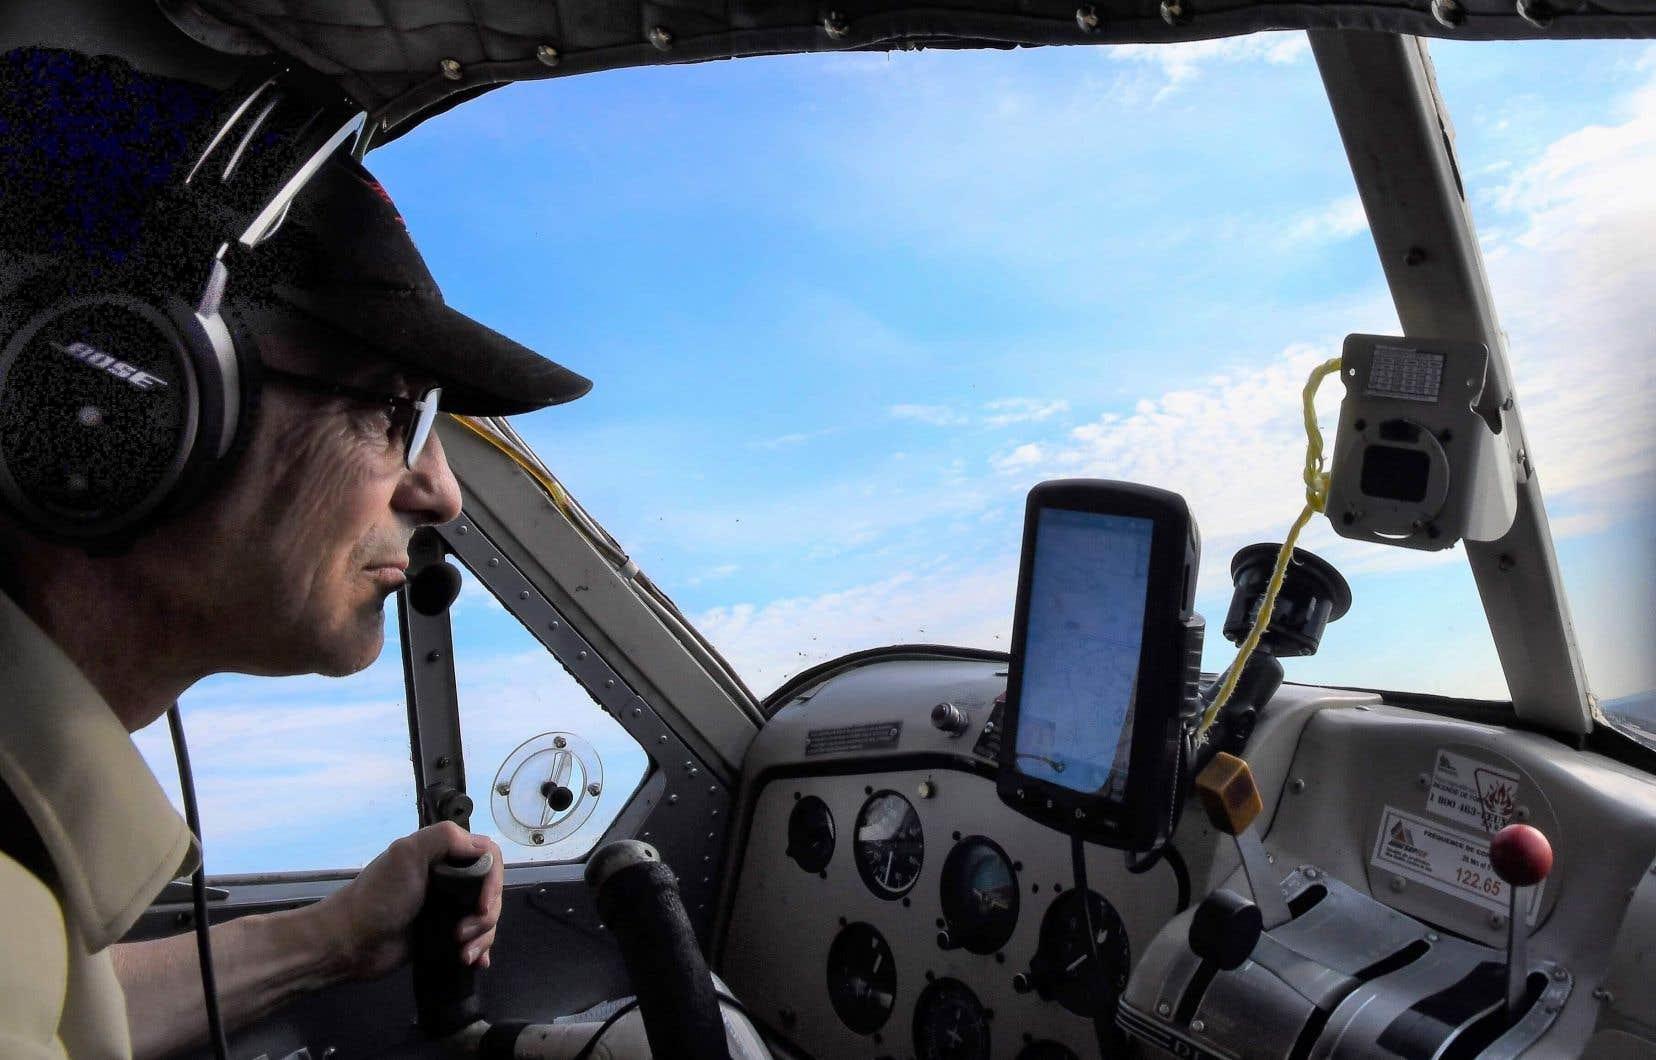 GillesMorin est un employé d'Air Saguenay depuis 2011 et il aurait cumulé 20000heures de vol, selon son employeur.